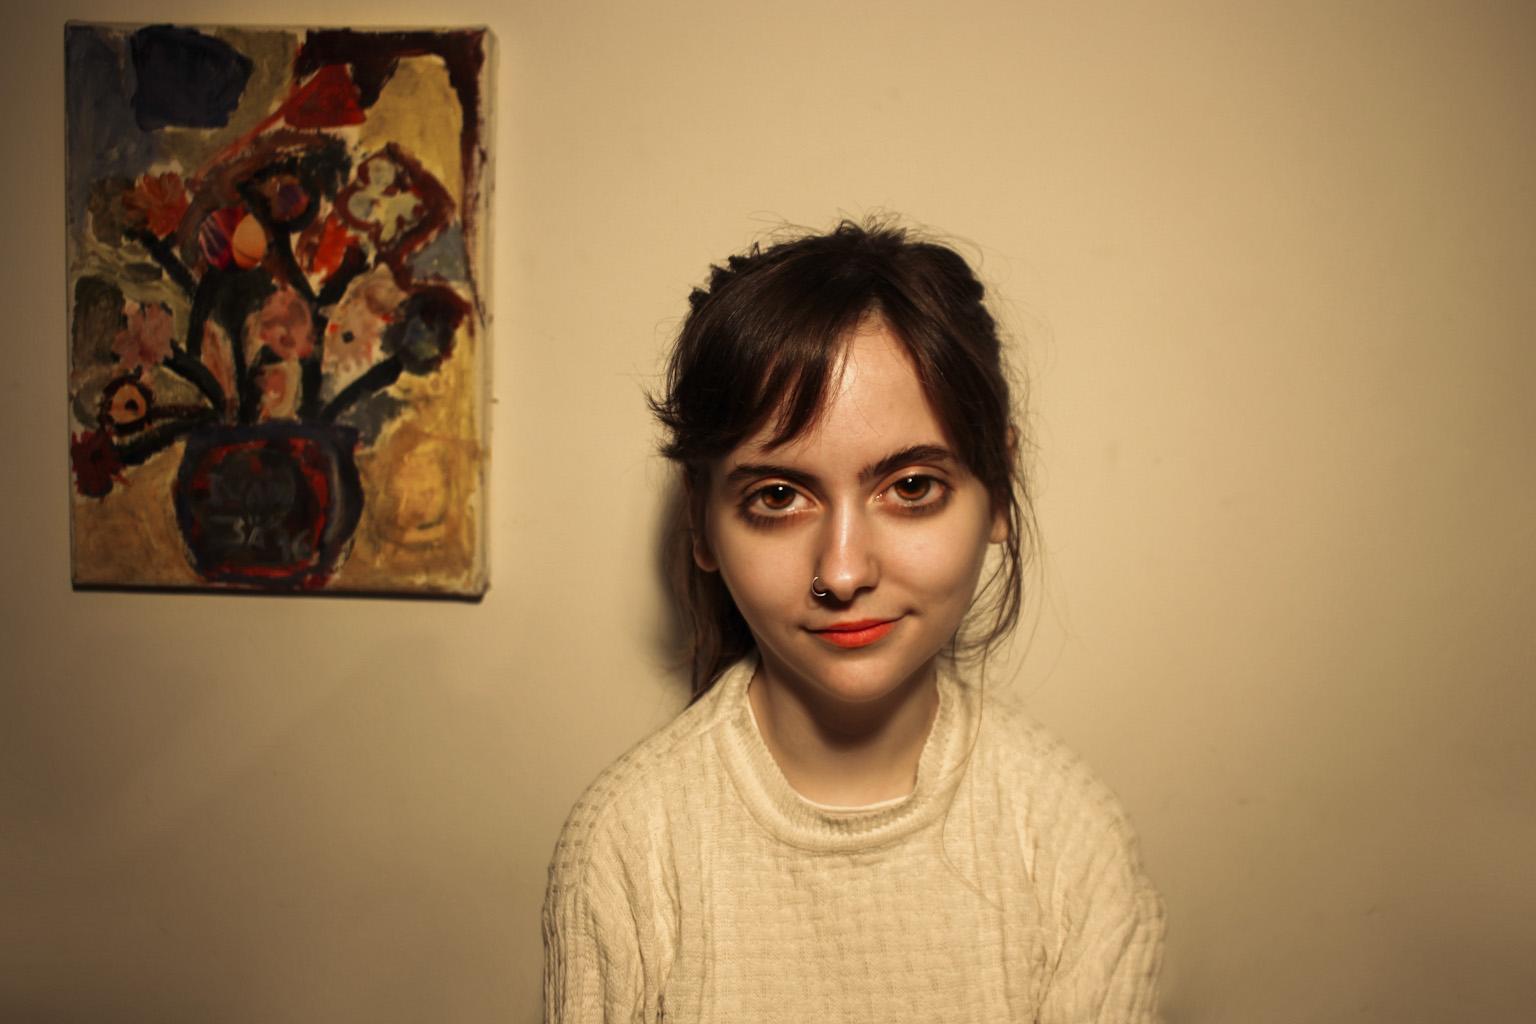 Tatiana Cibelli , Fotografía Digital, 2016